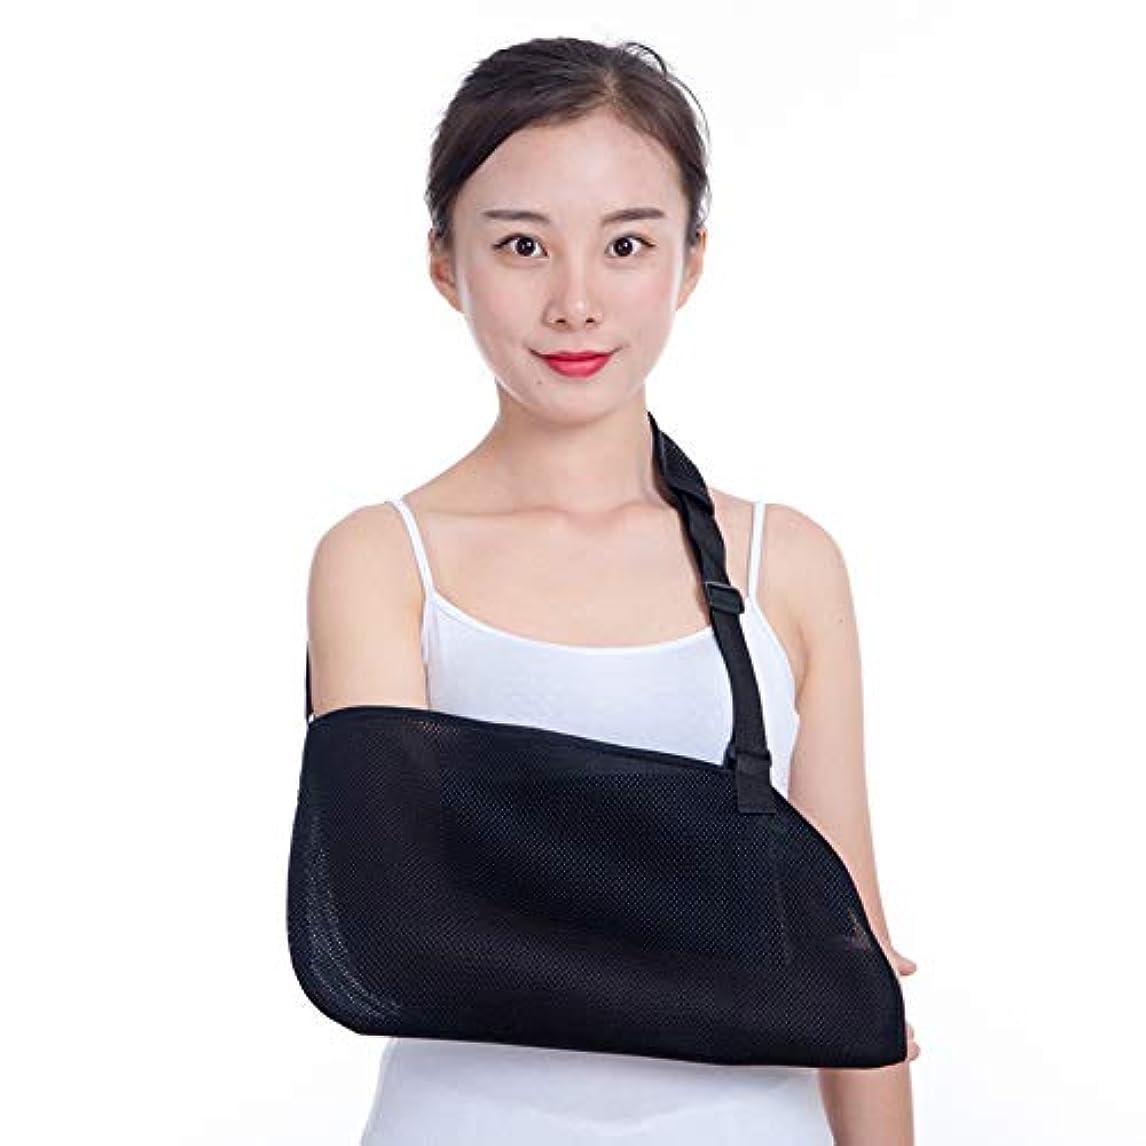 後方日記つかむメッシュアームサポートスリング、ショルダーイモビライザーブレース、通気性と軽量、肩、腕、肘、回旋腱板の痛みを完全に調整可能